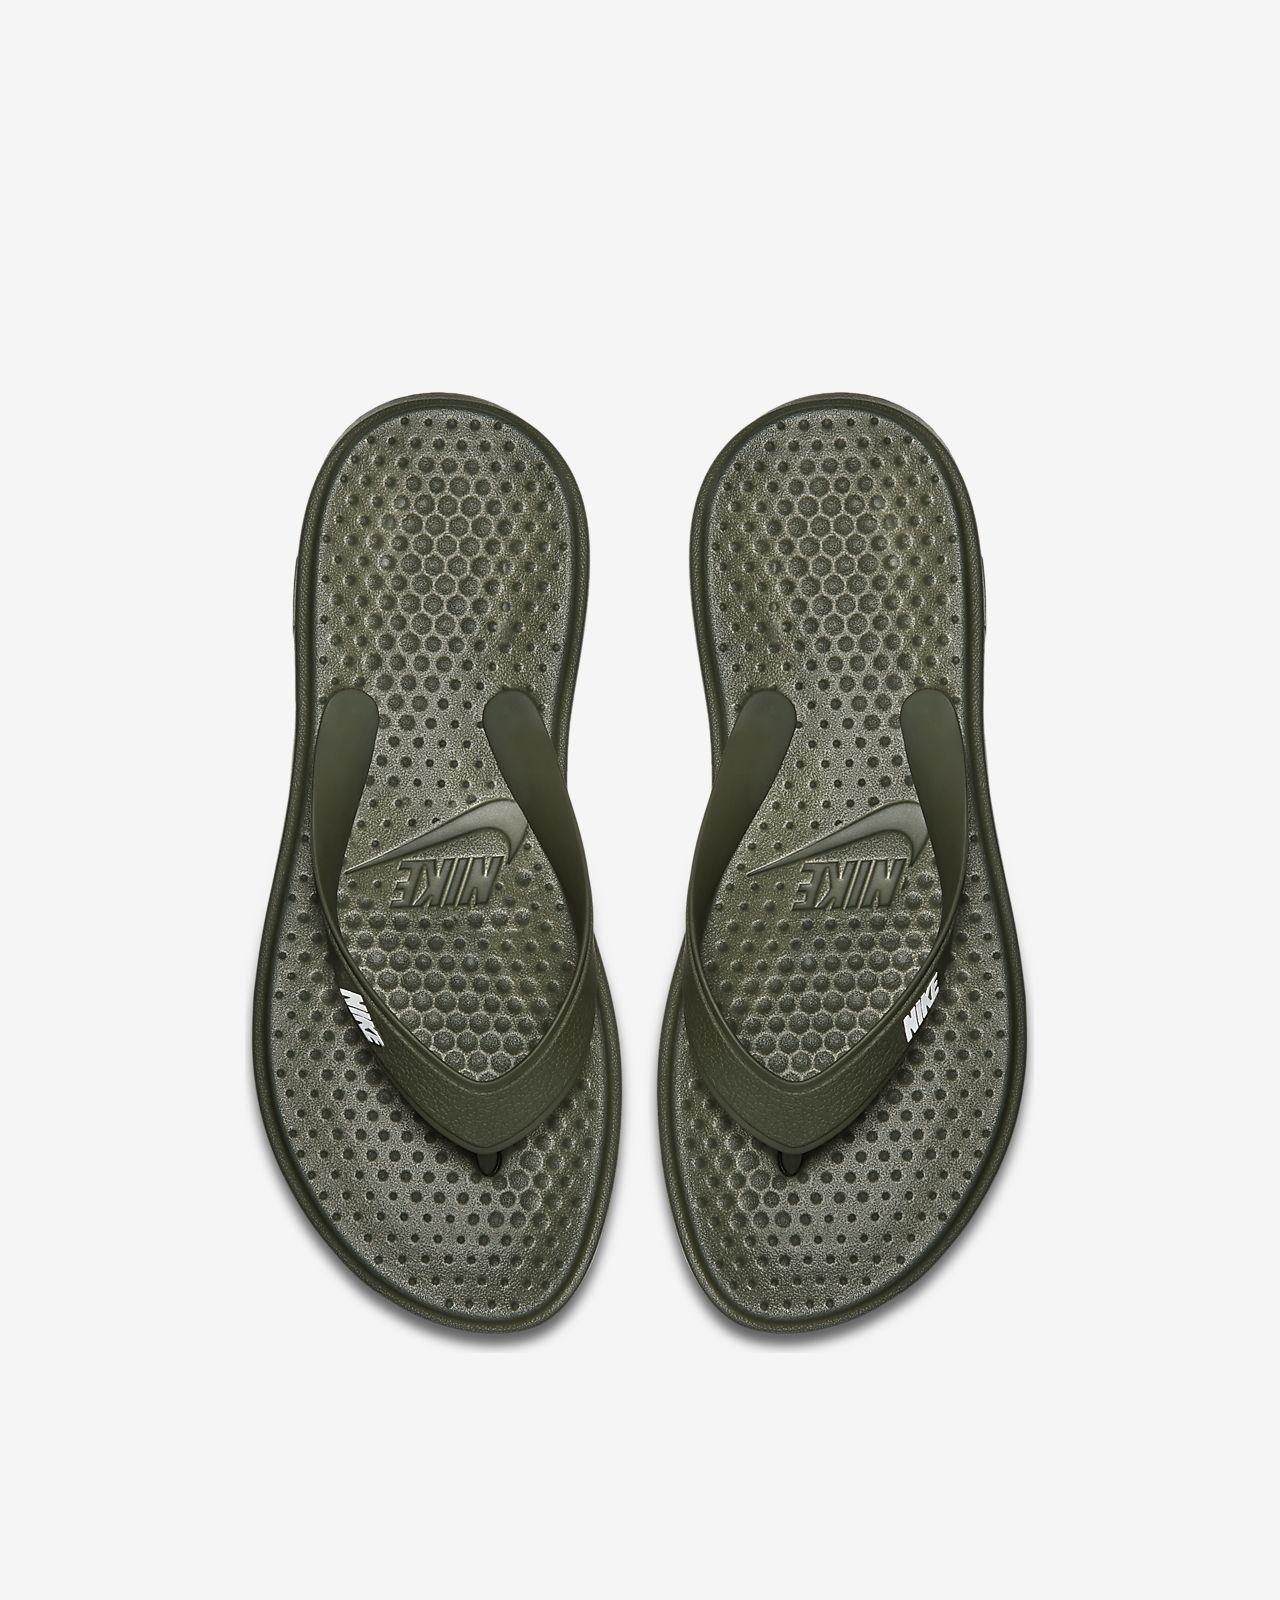 4124e2599 Nike Solay Men's Flip-Flop. Nike.com CA